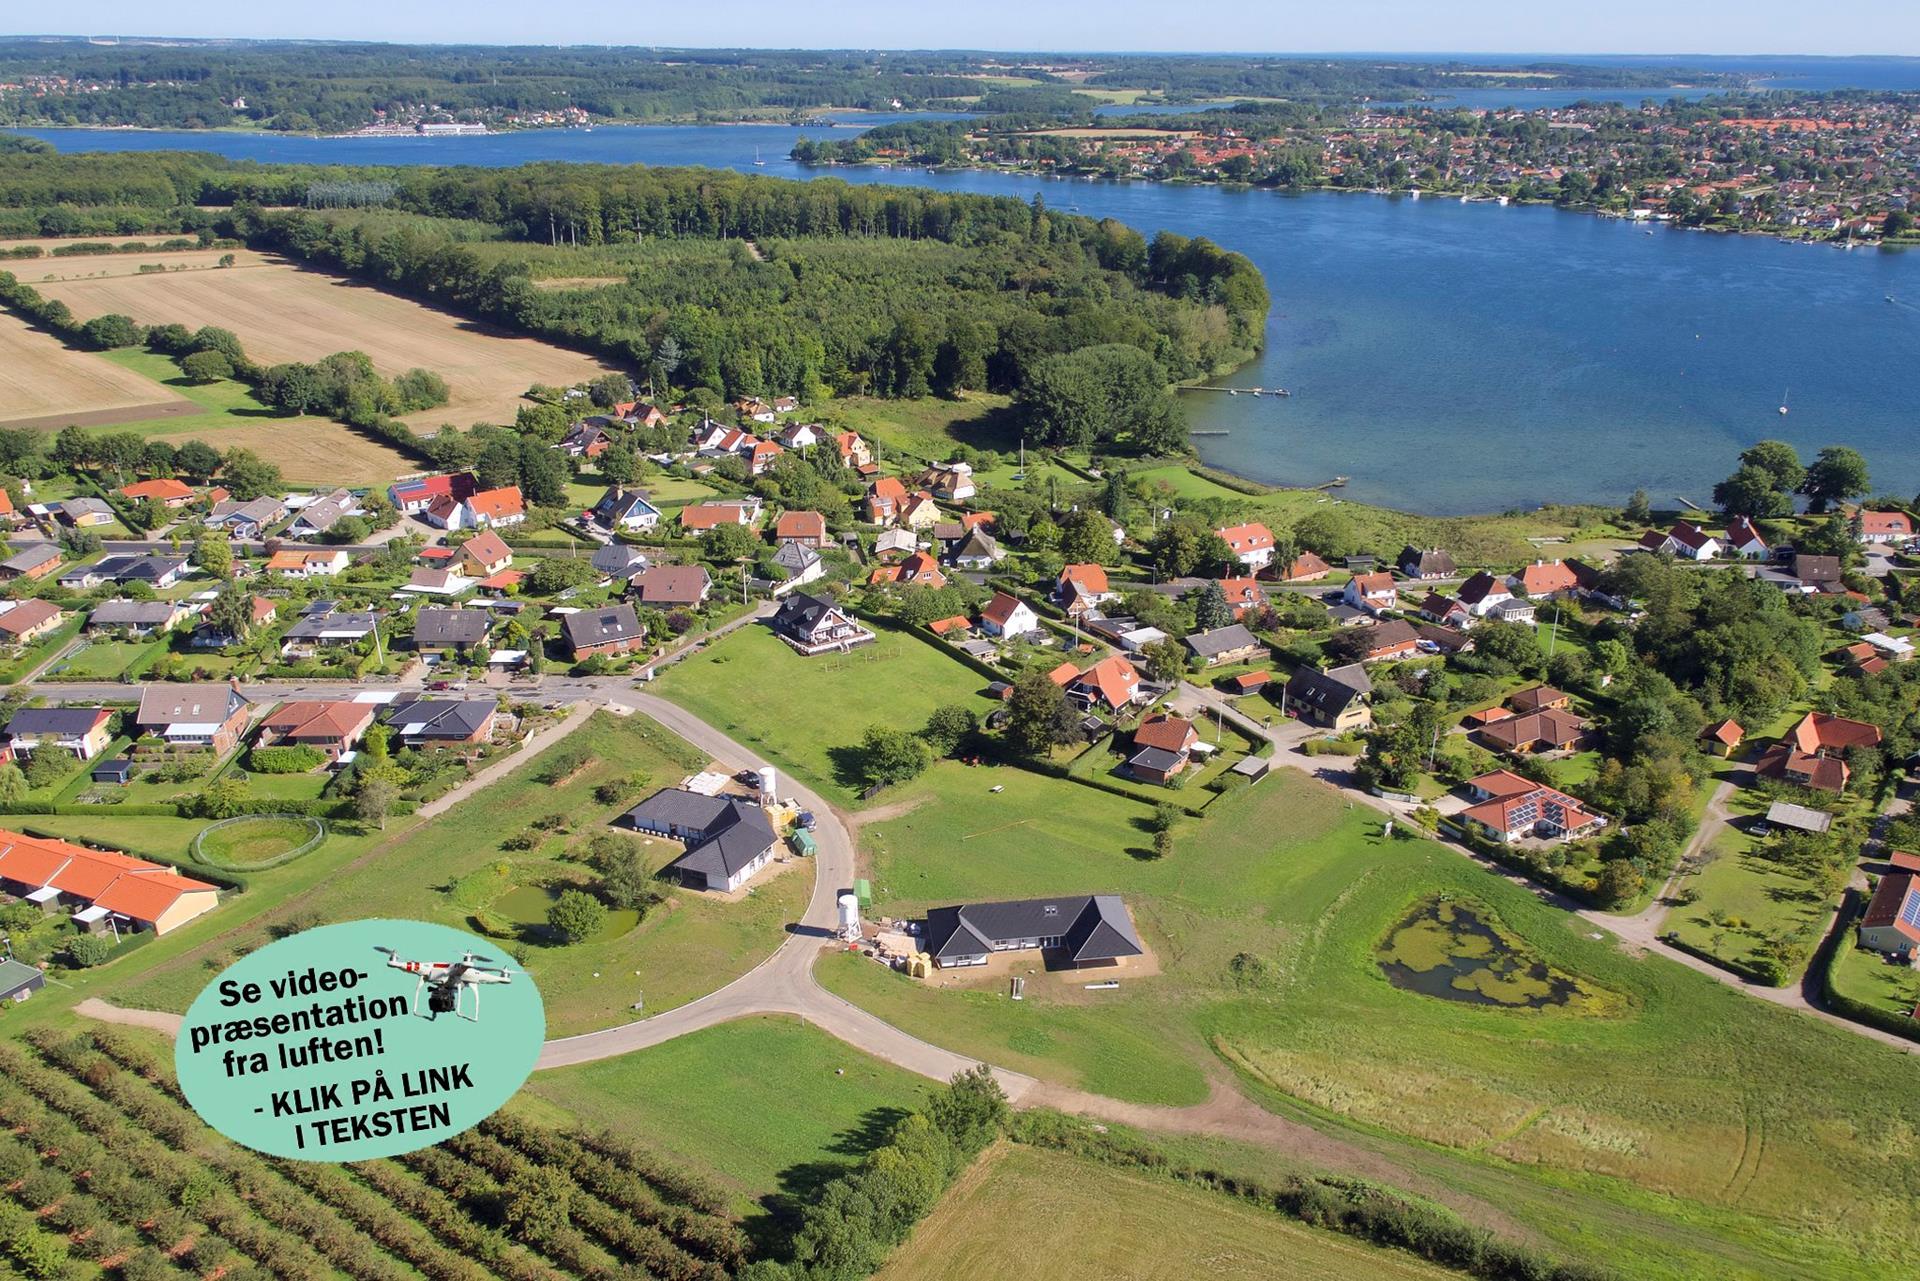 Helårsgrund på Ydunshave i Svendborg - Andet